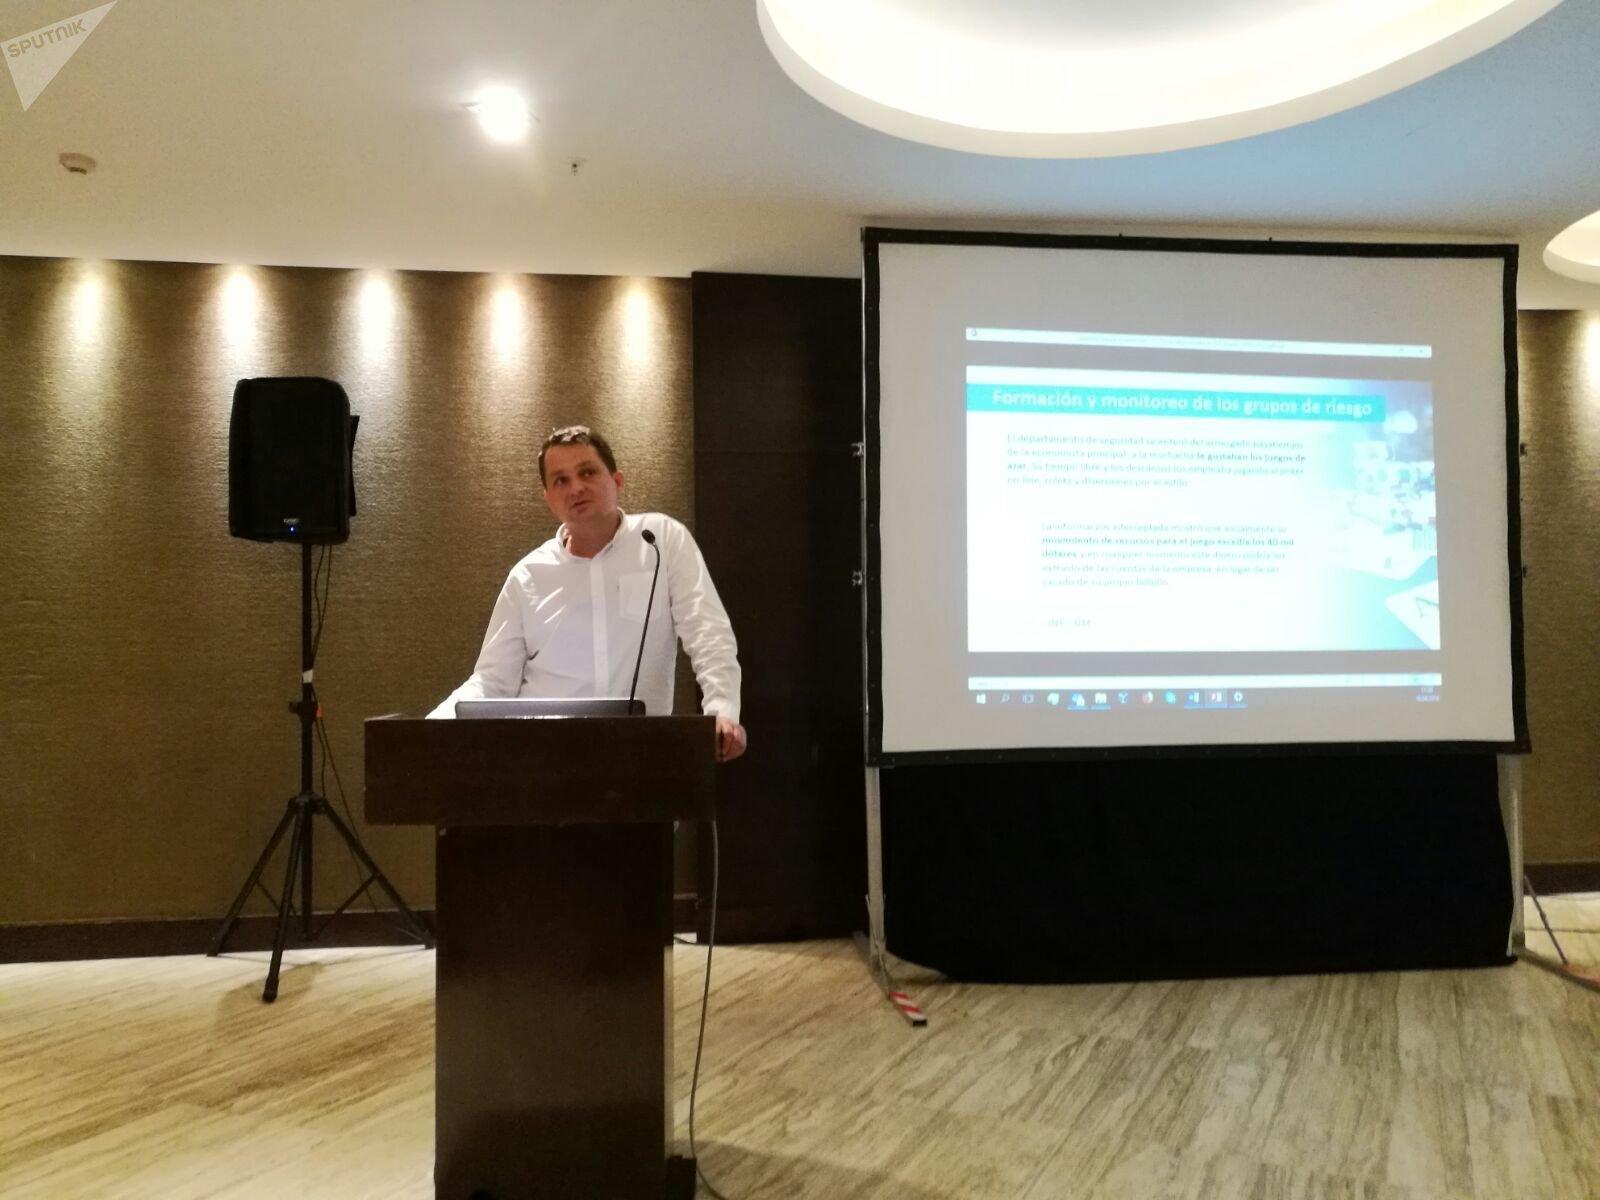 Vladimir Prestes, director de SearchInform Brasil, en la conferencia en Buenos Aires.